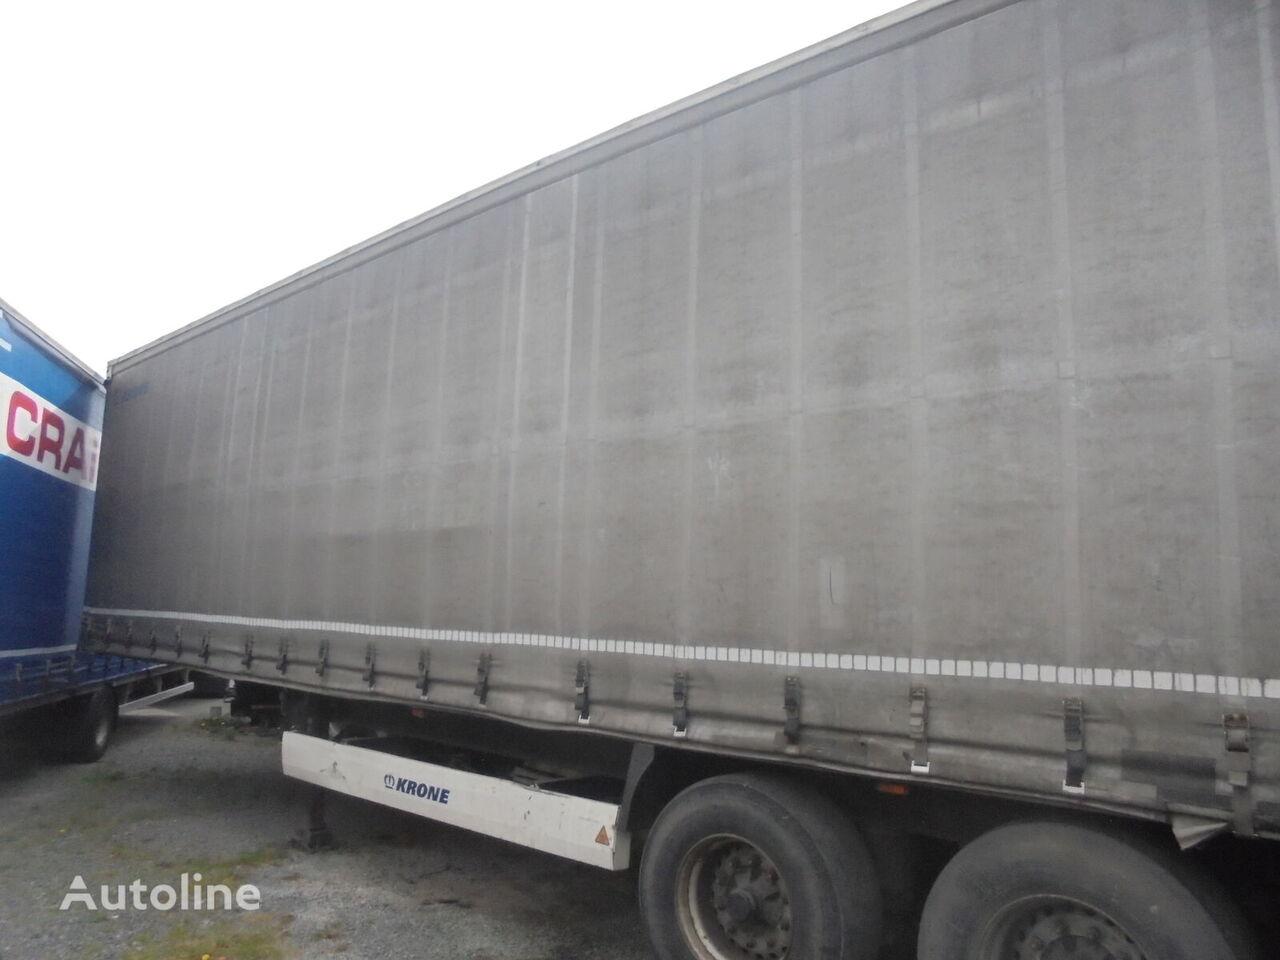 KRONE Standart tilt semi-trailer